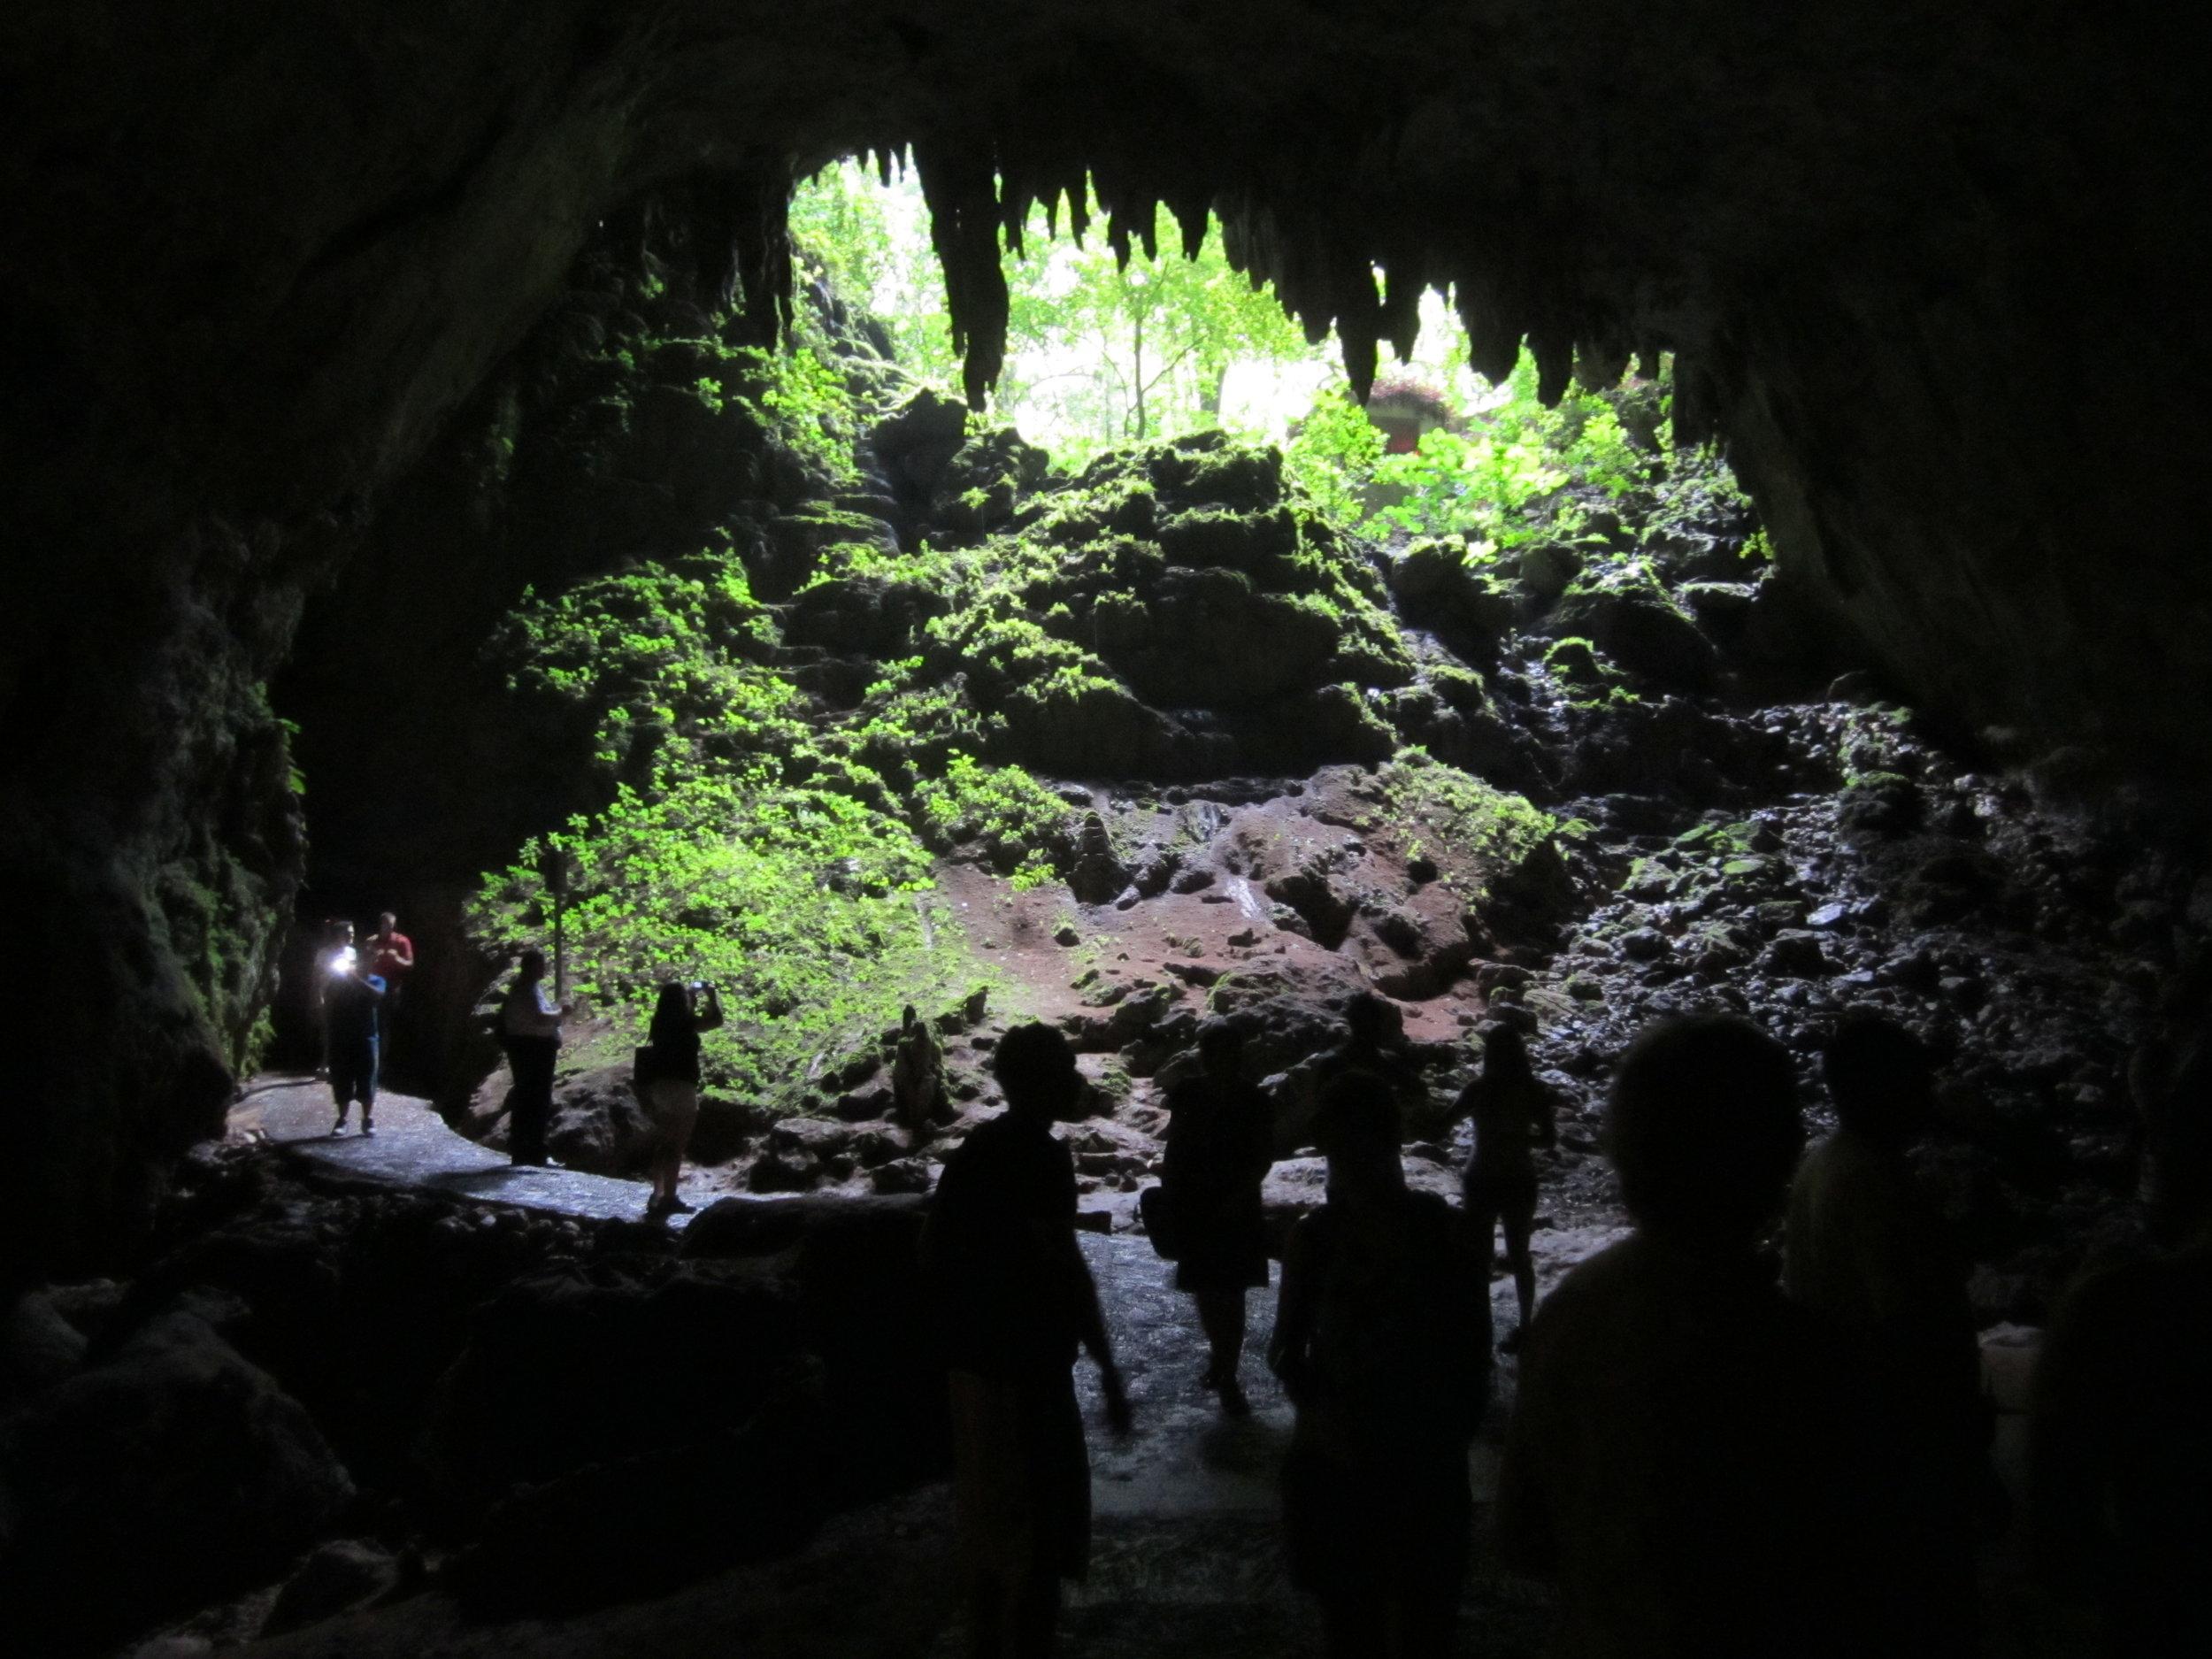 Cueva_Clara,_Puerto_Rico,_Entrance.jpg